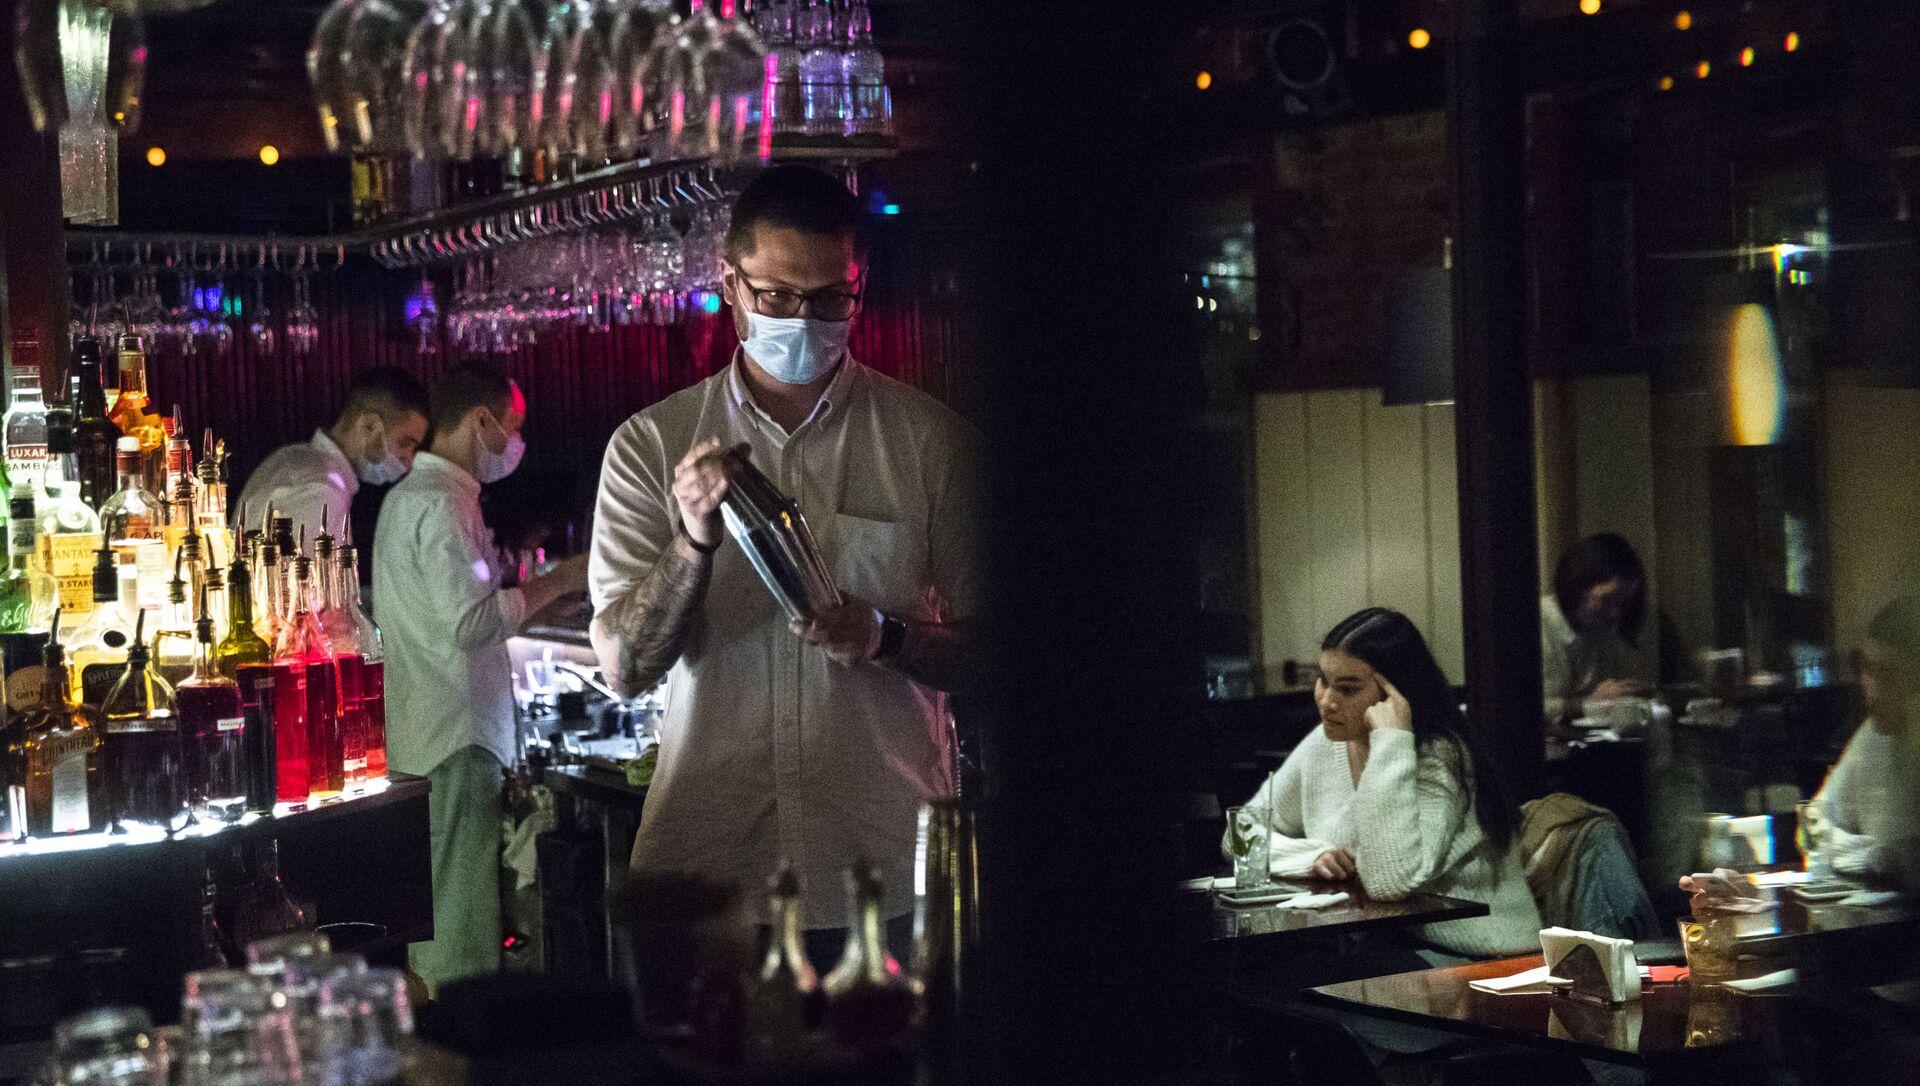 Un barista con la mascherina dietro al bancone - Sputnik Italia, 1920, 18.05.2021